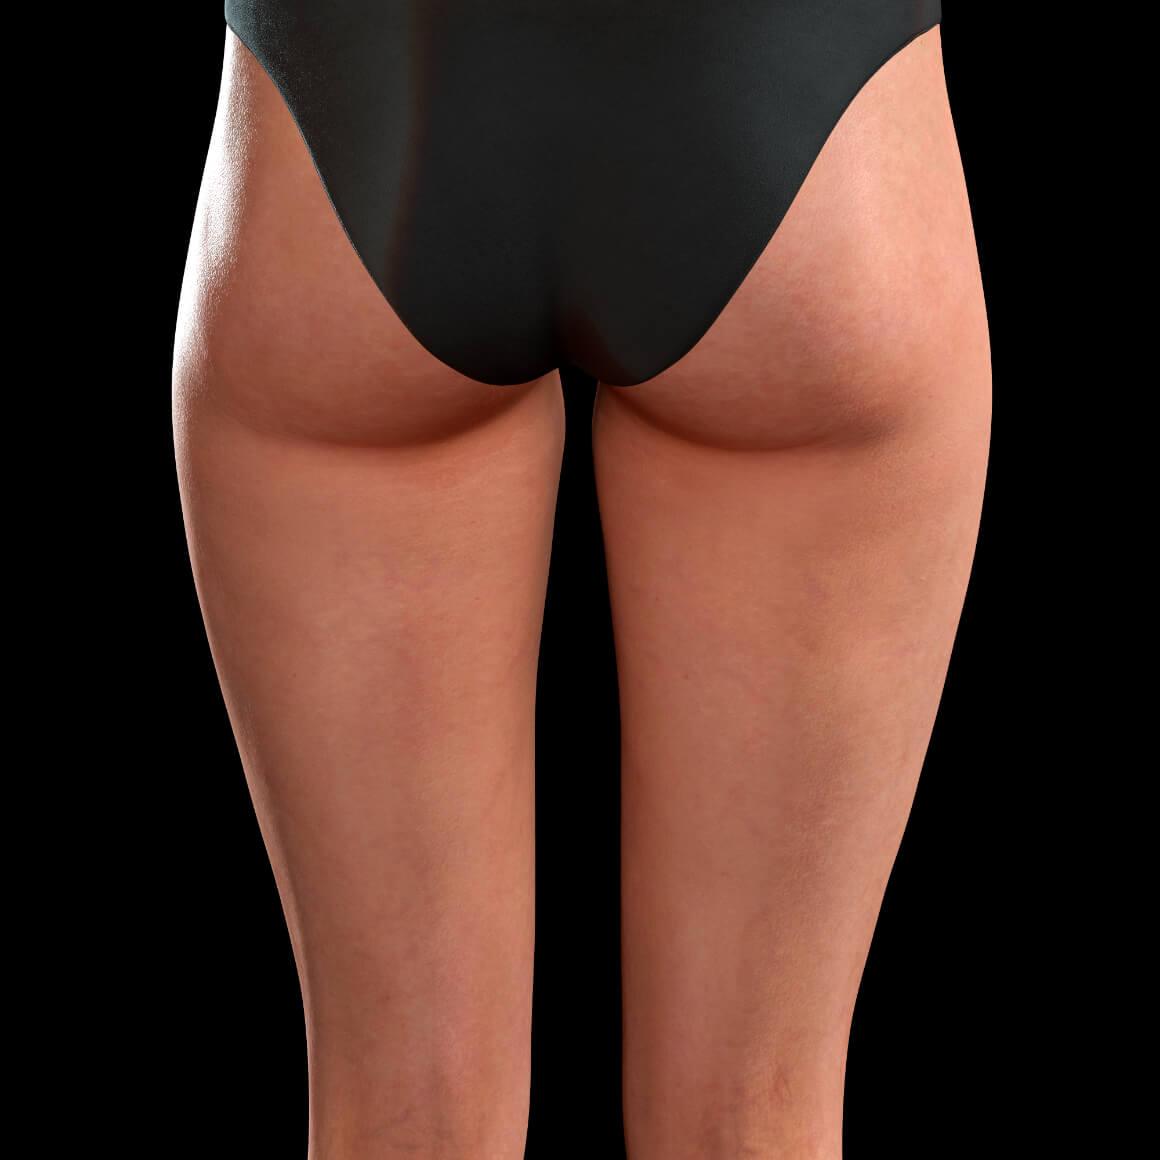 Cuisses postérieures d'une patiente de la Clinique Chloé après des traitements anti-cellulite au laser TightSculpting